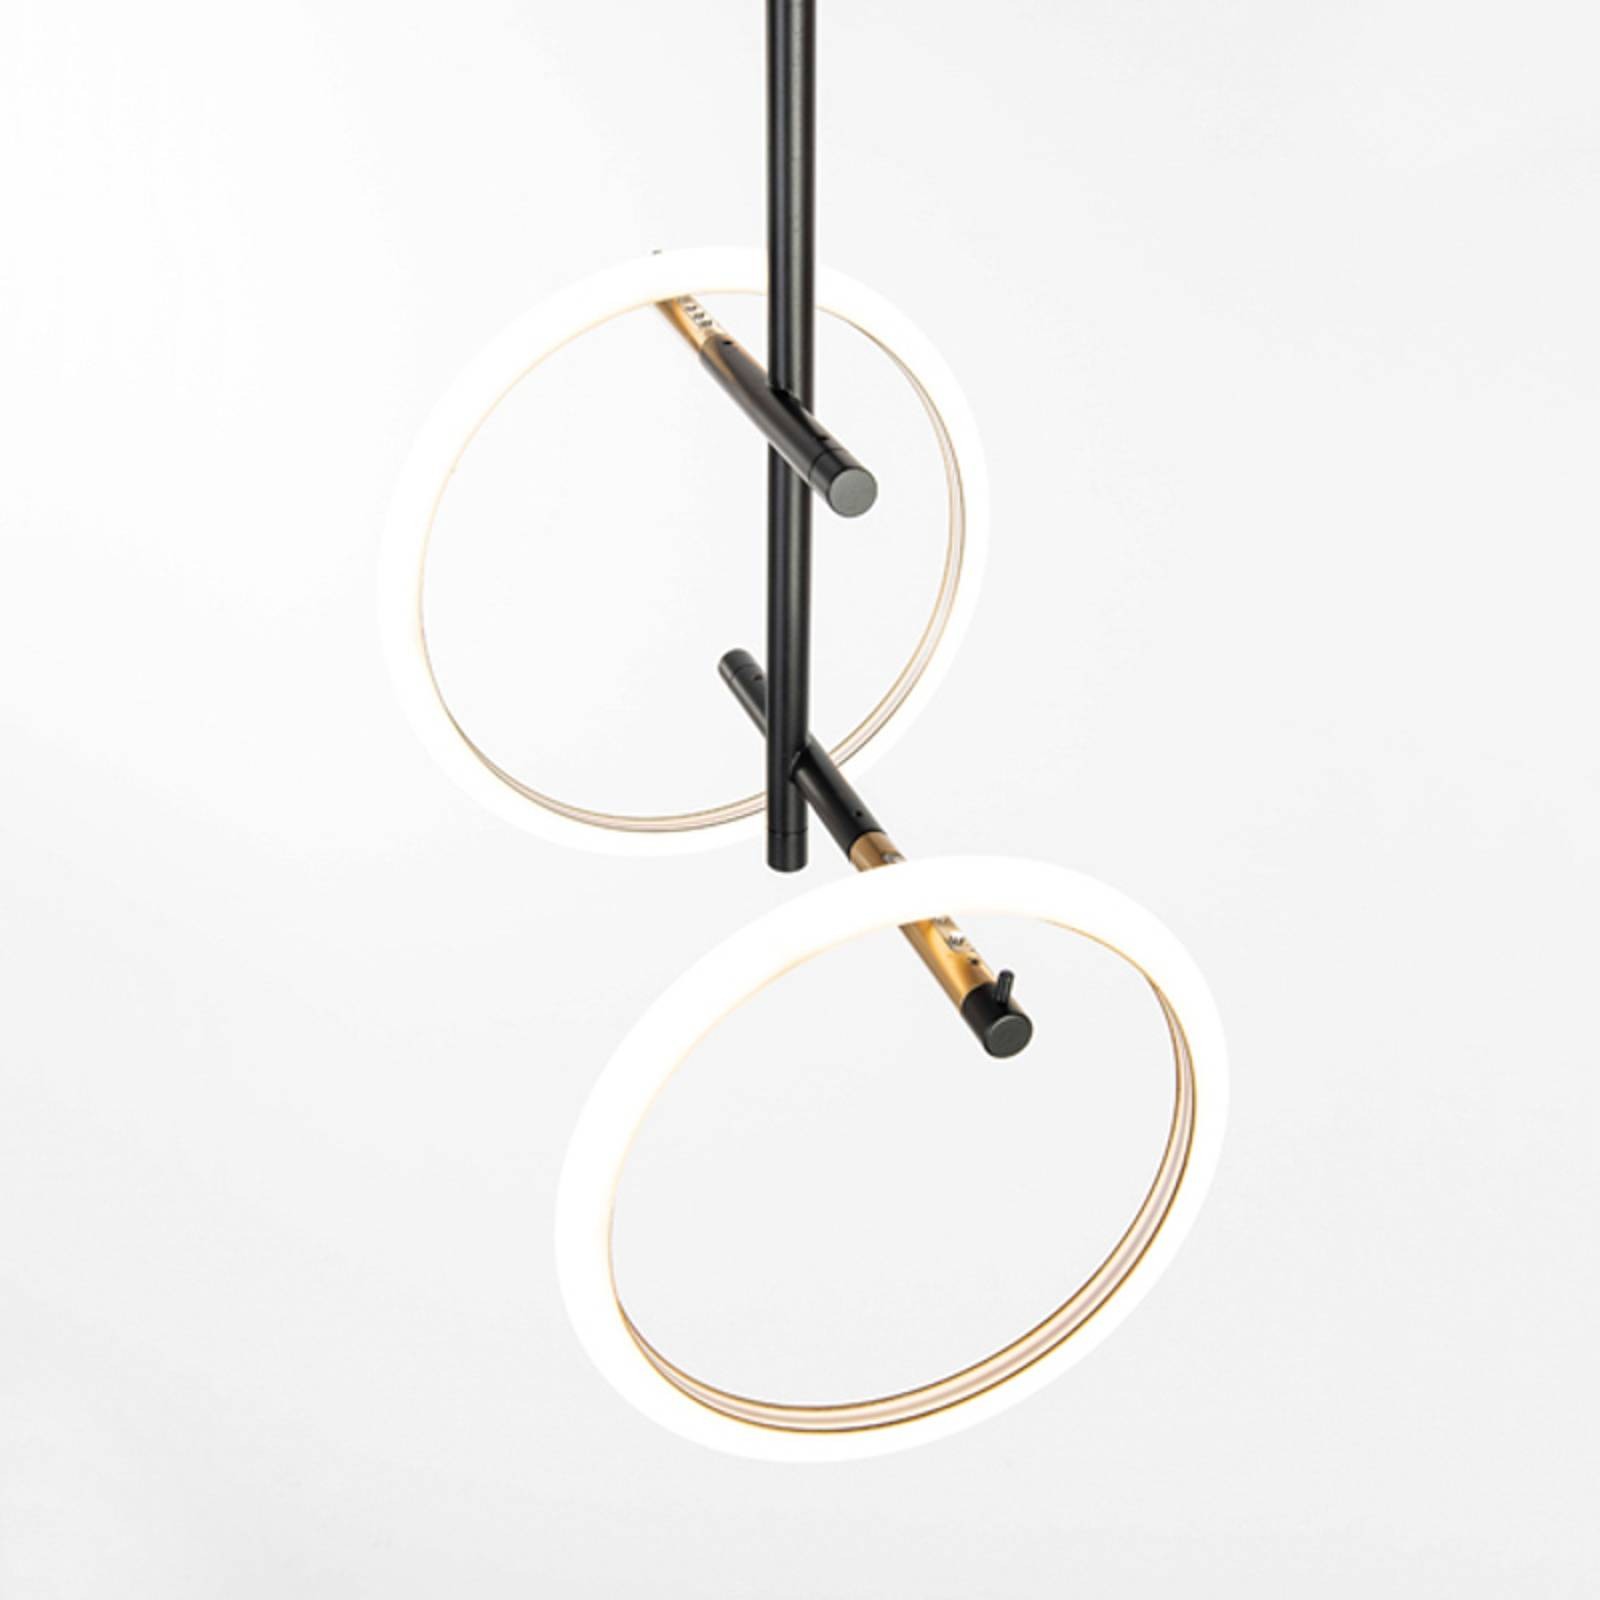 LED-Deckenleuchte Ulaop, zwei Ringe, schwarz